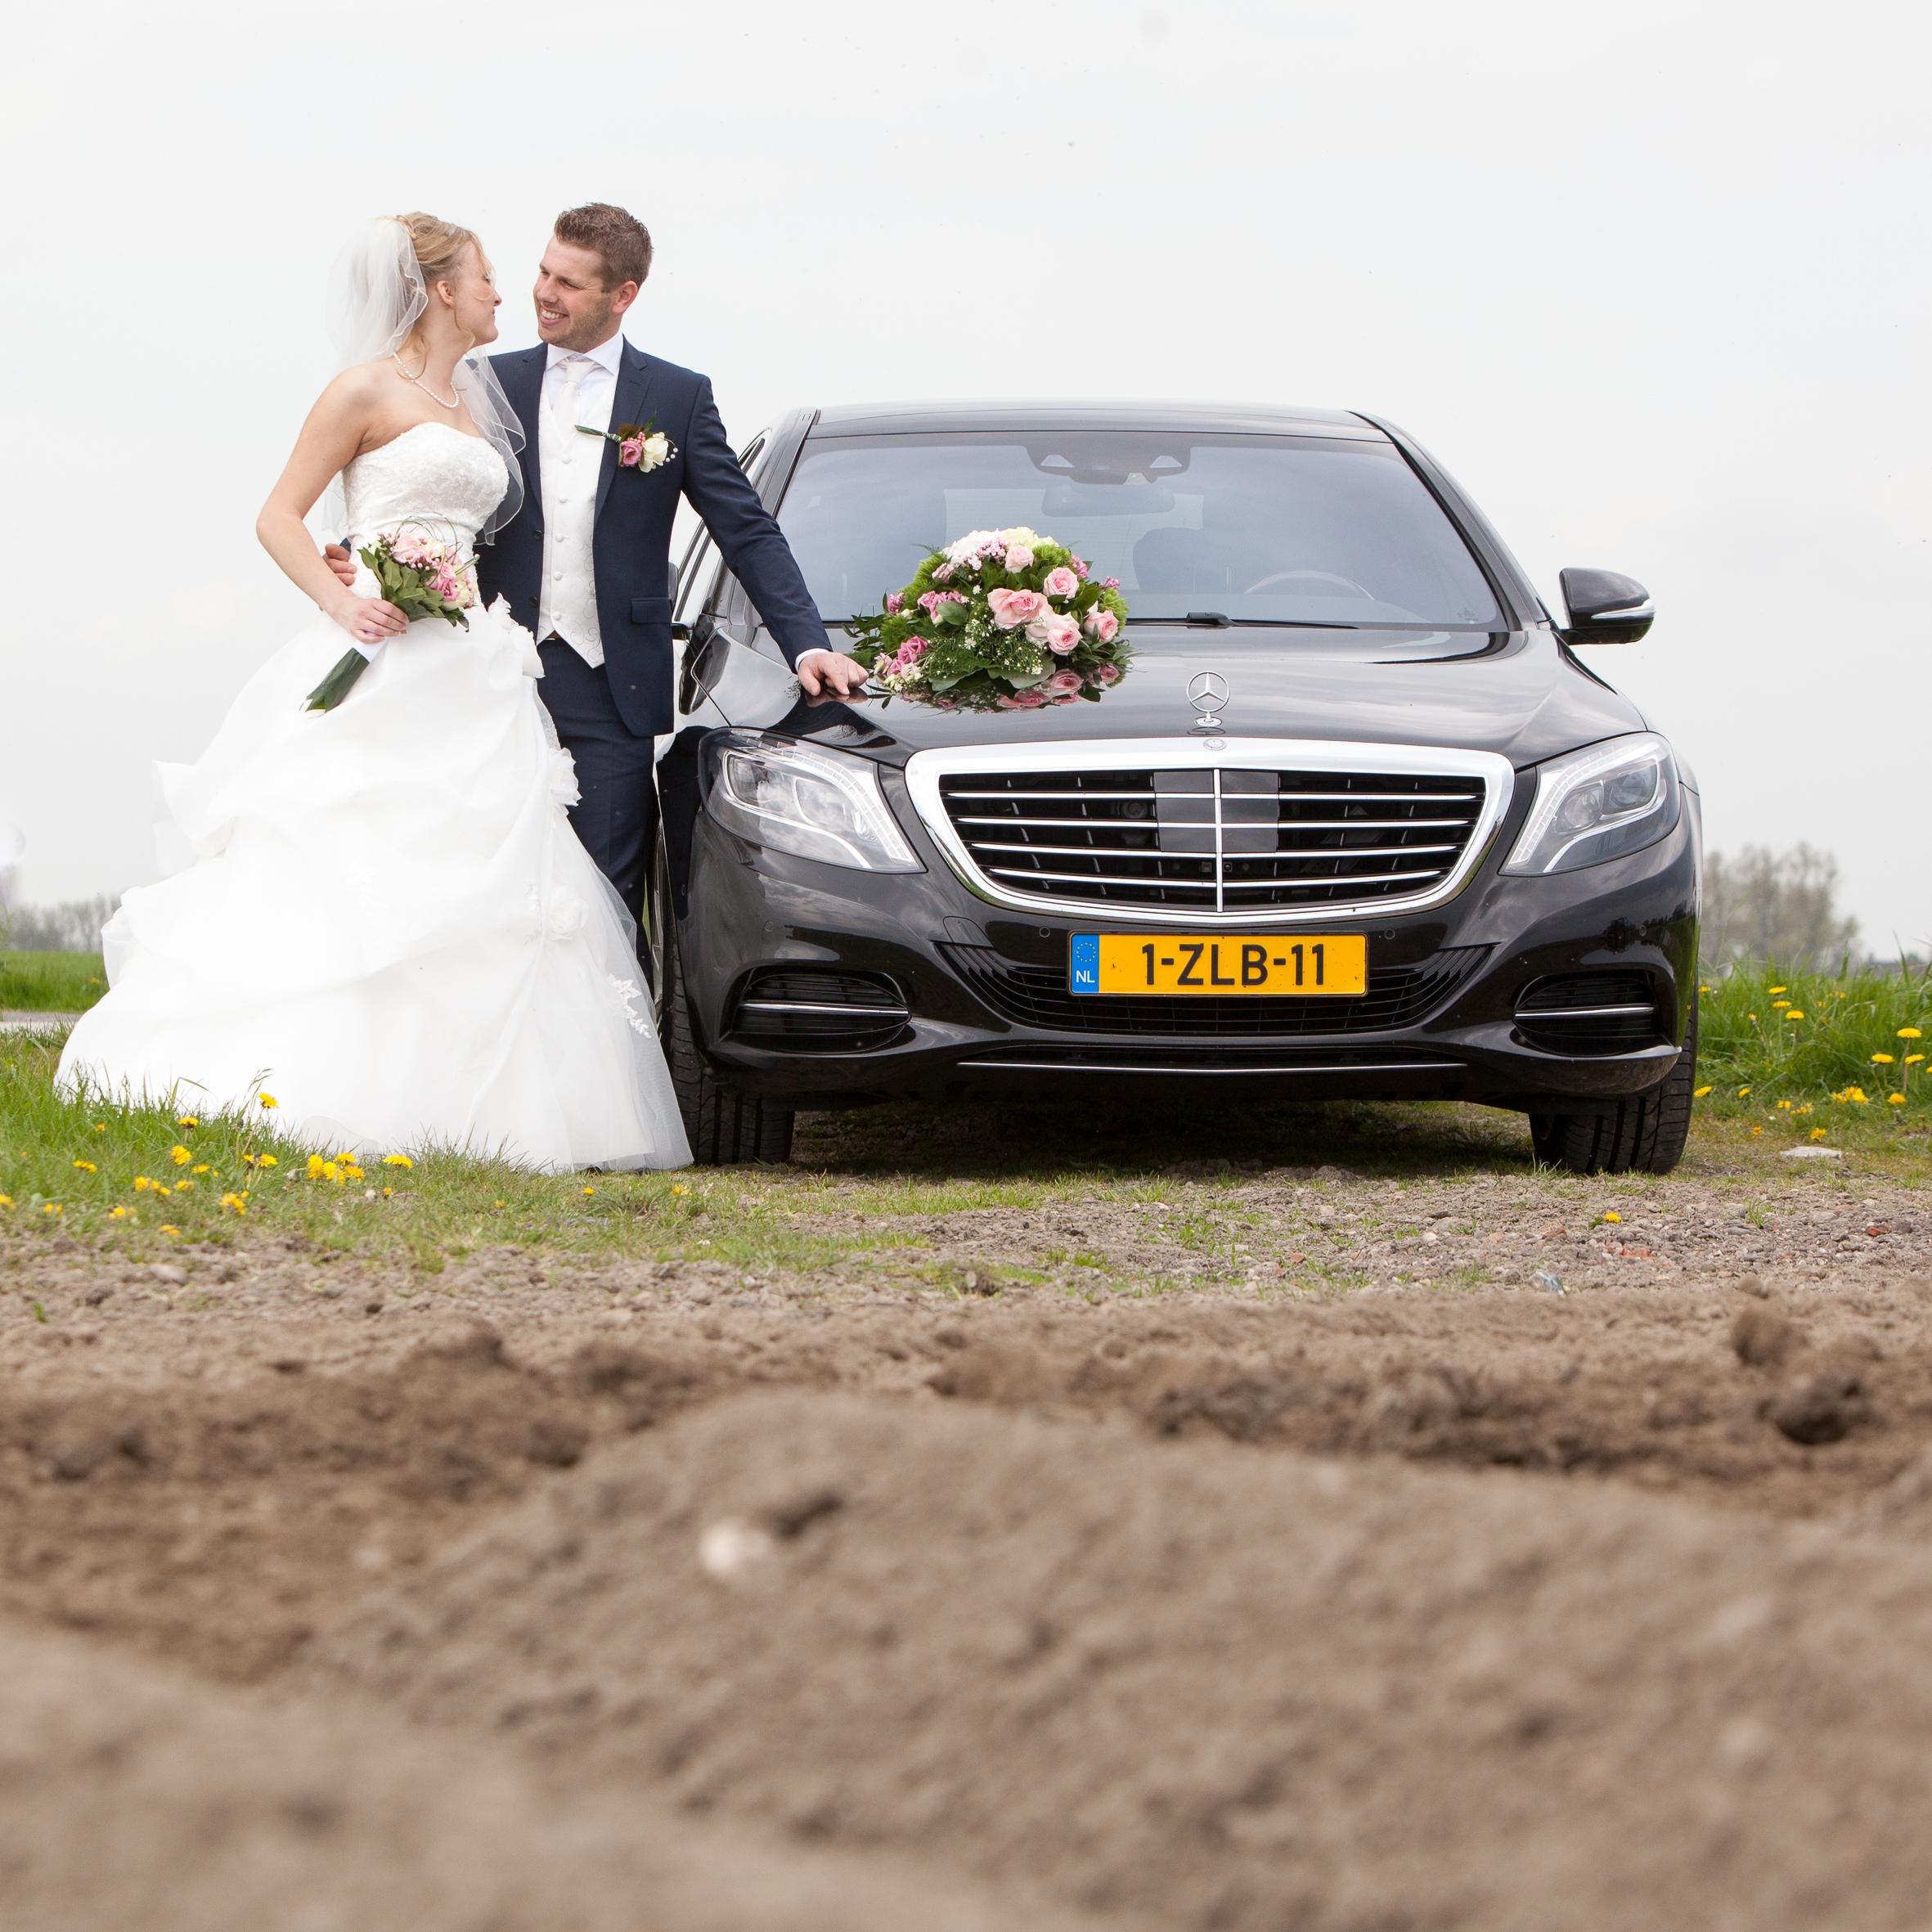 m-en-f-trouwen-142